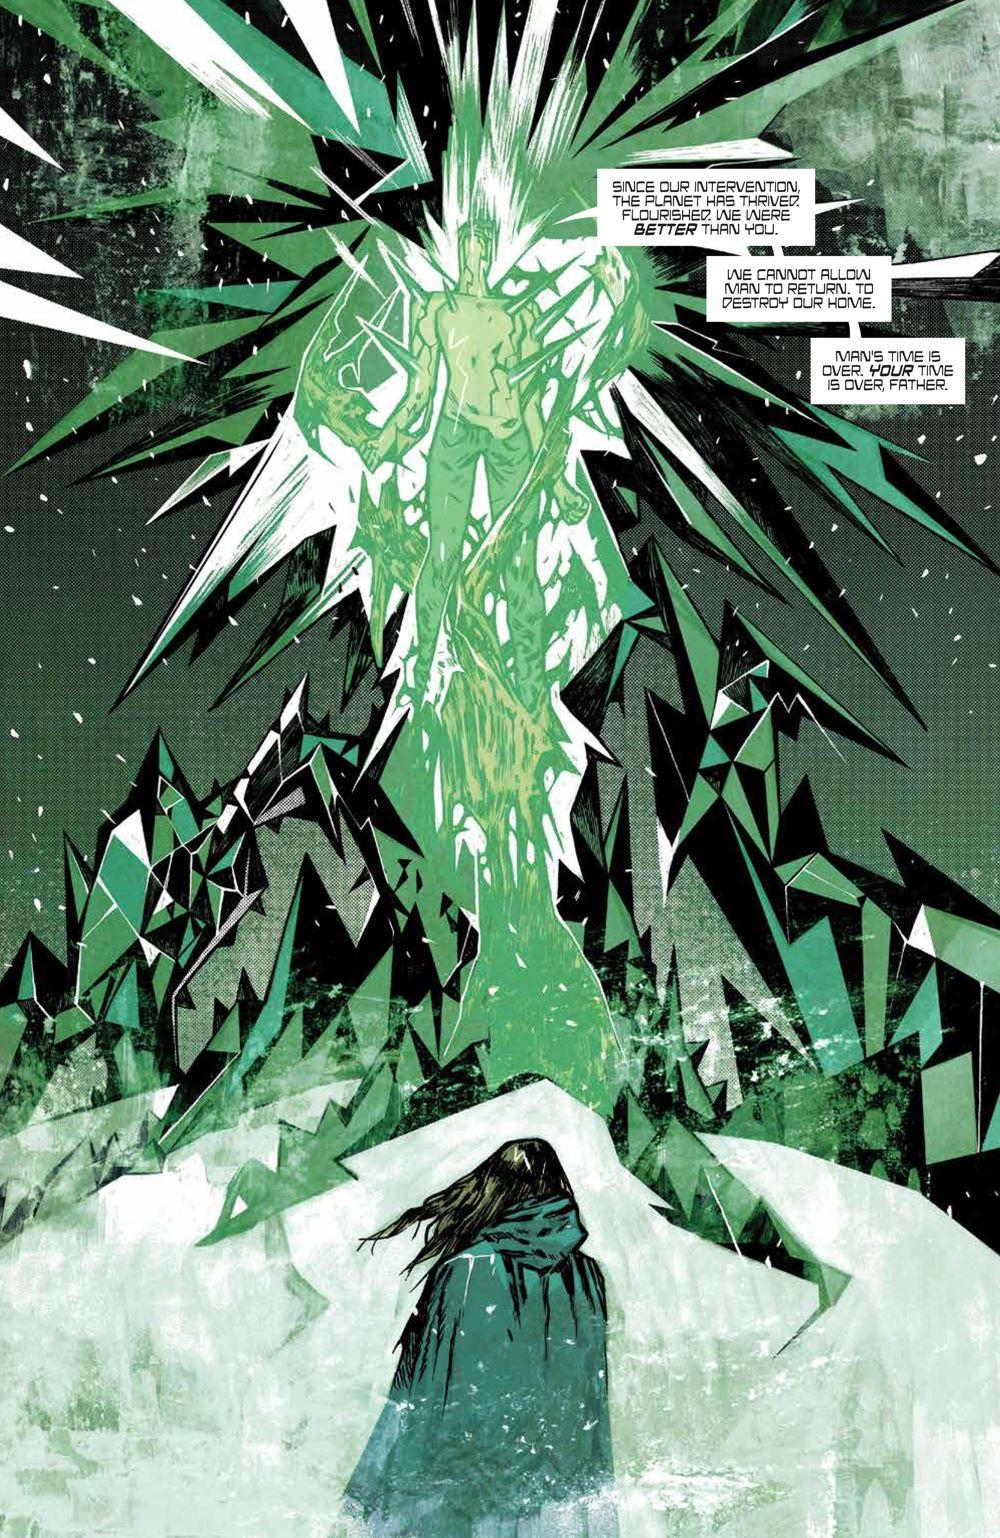 Origins_006_PRESS_6 ComicList Previews: ORIGINS #6 (OF 6)